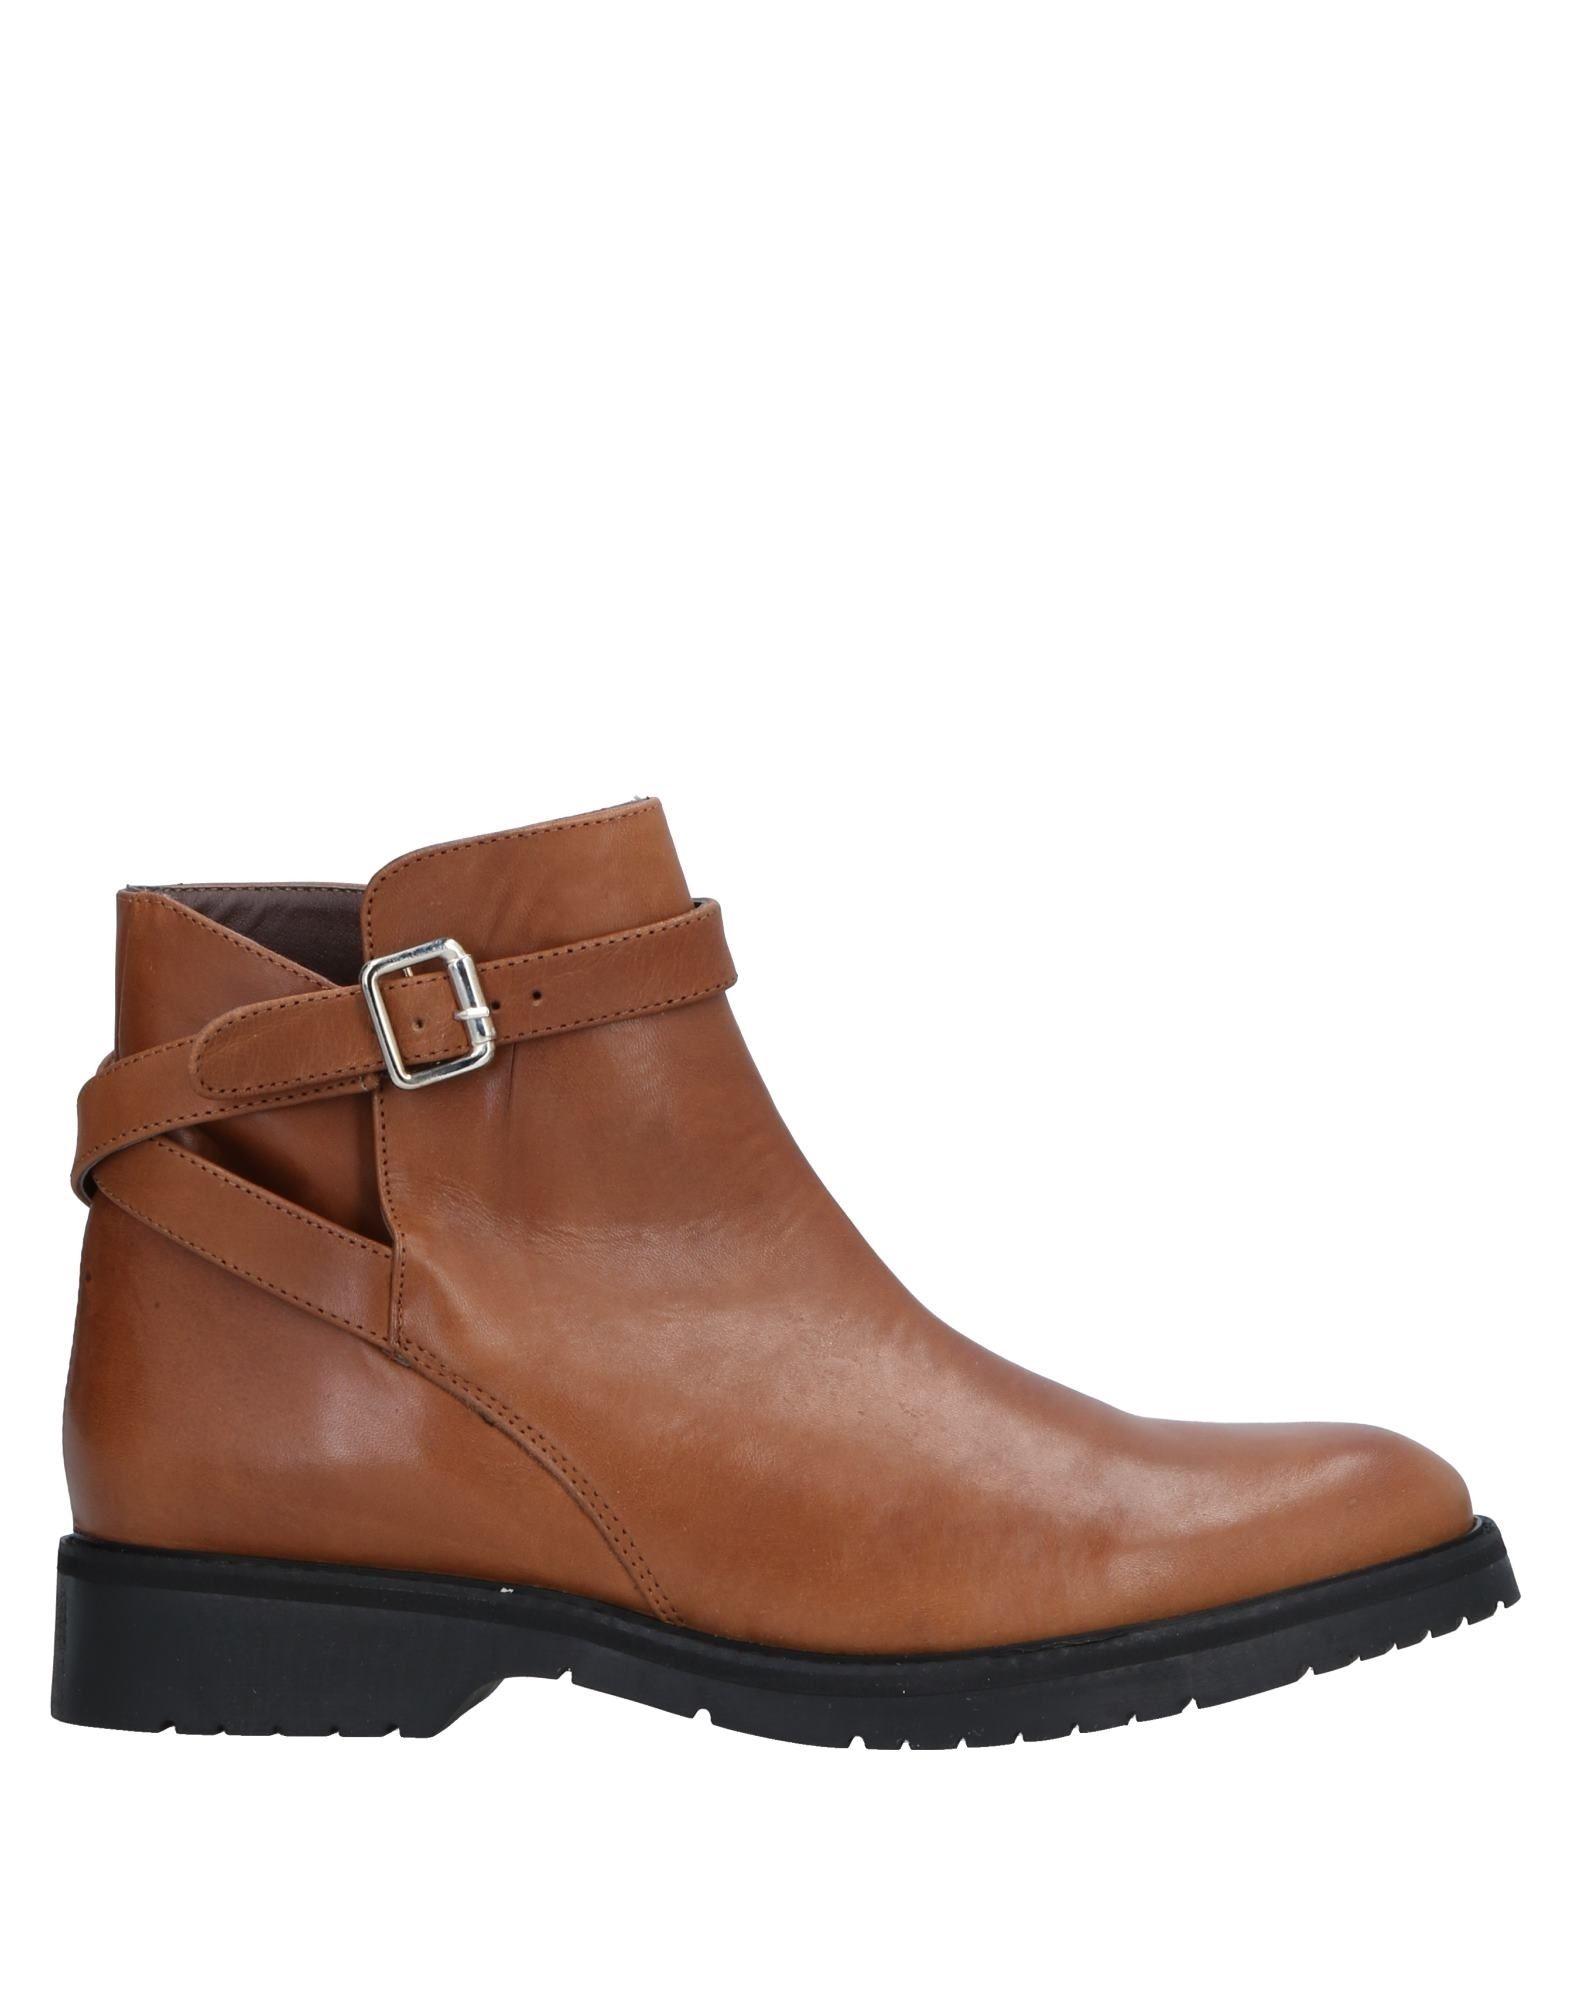 Cuplé Stiefelette Damen  11542840TN Gute Qualität beliebte Schuhe